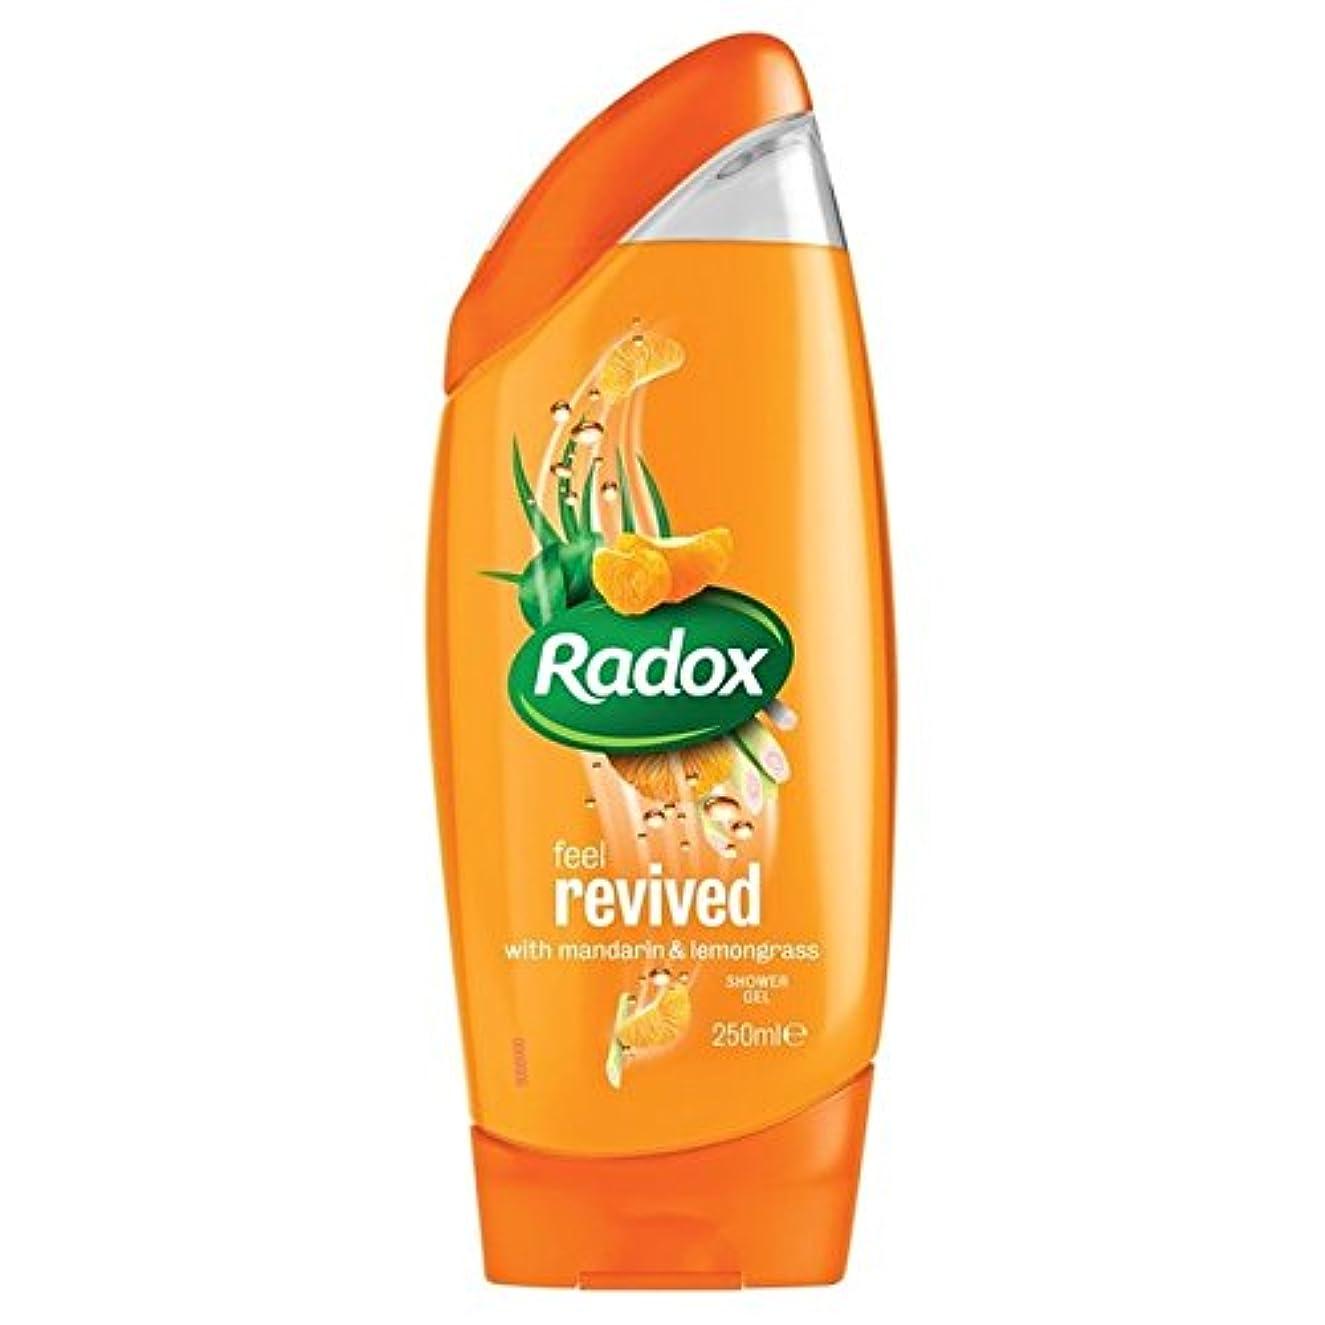 ペア名声支払うのみかんは、シャワージェル250ミリリットルを復活させます x2 - Radox Mandarin Revive Shower Gel 250ml (Pack of 2) [並行輸入品]